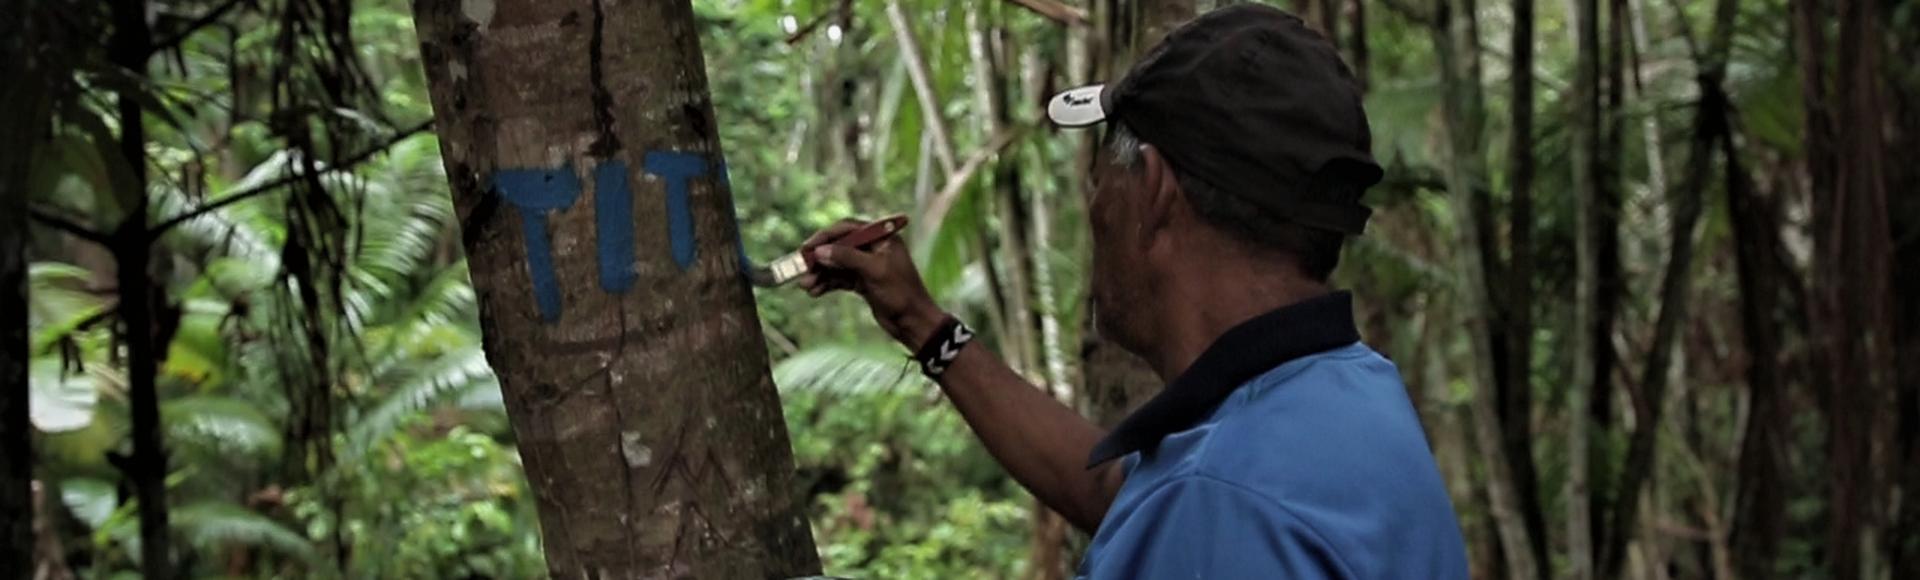 Seu Braz pintando árvores no processo de autodemarcação Tupinambá no Baixo Tapajós